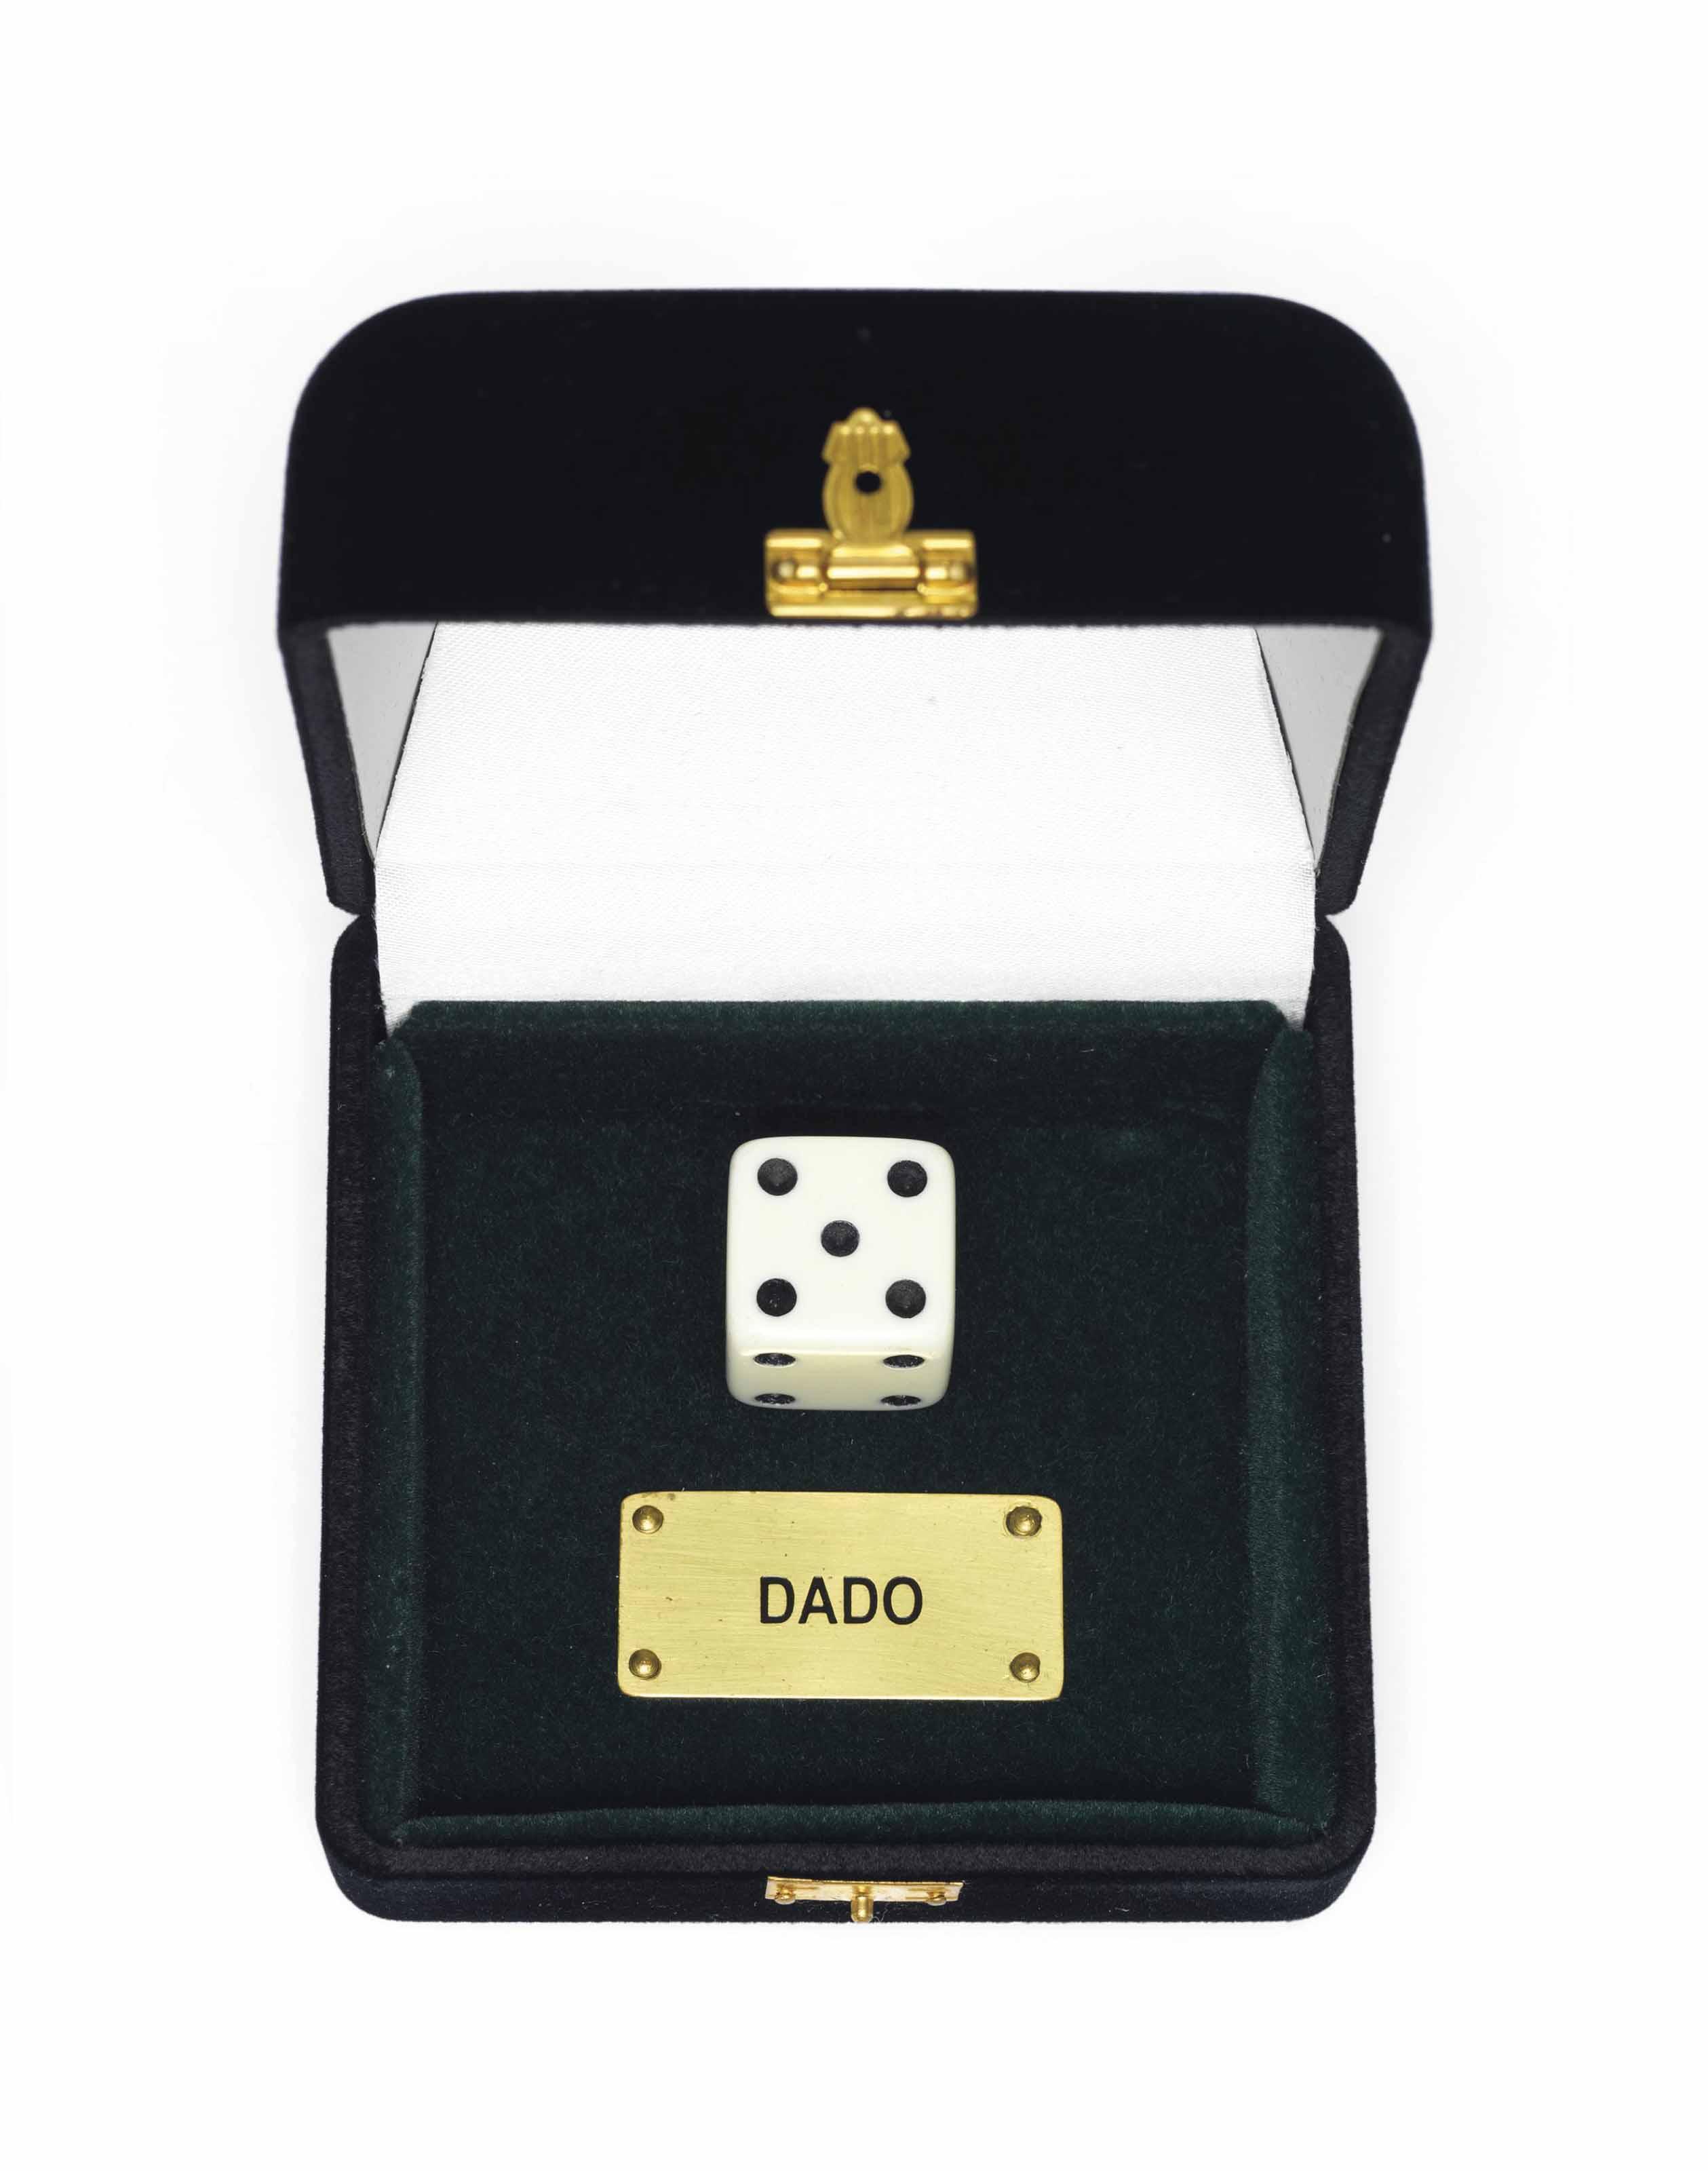 DADOS (Dice/Given)